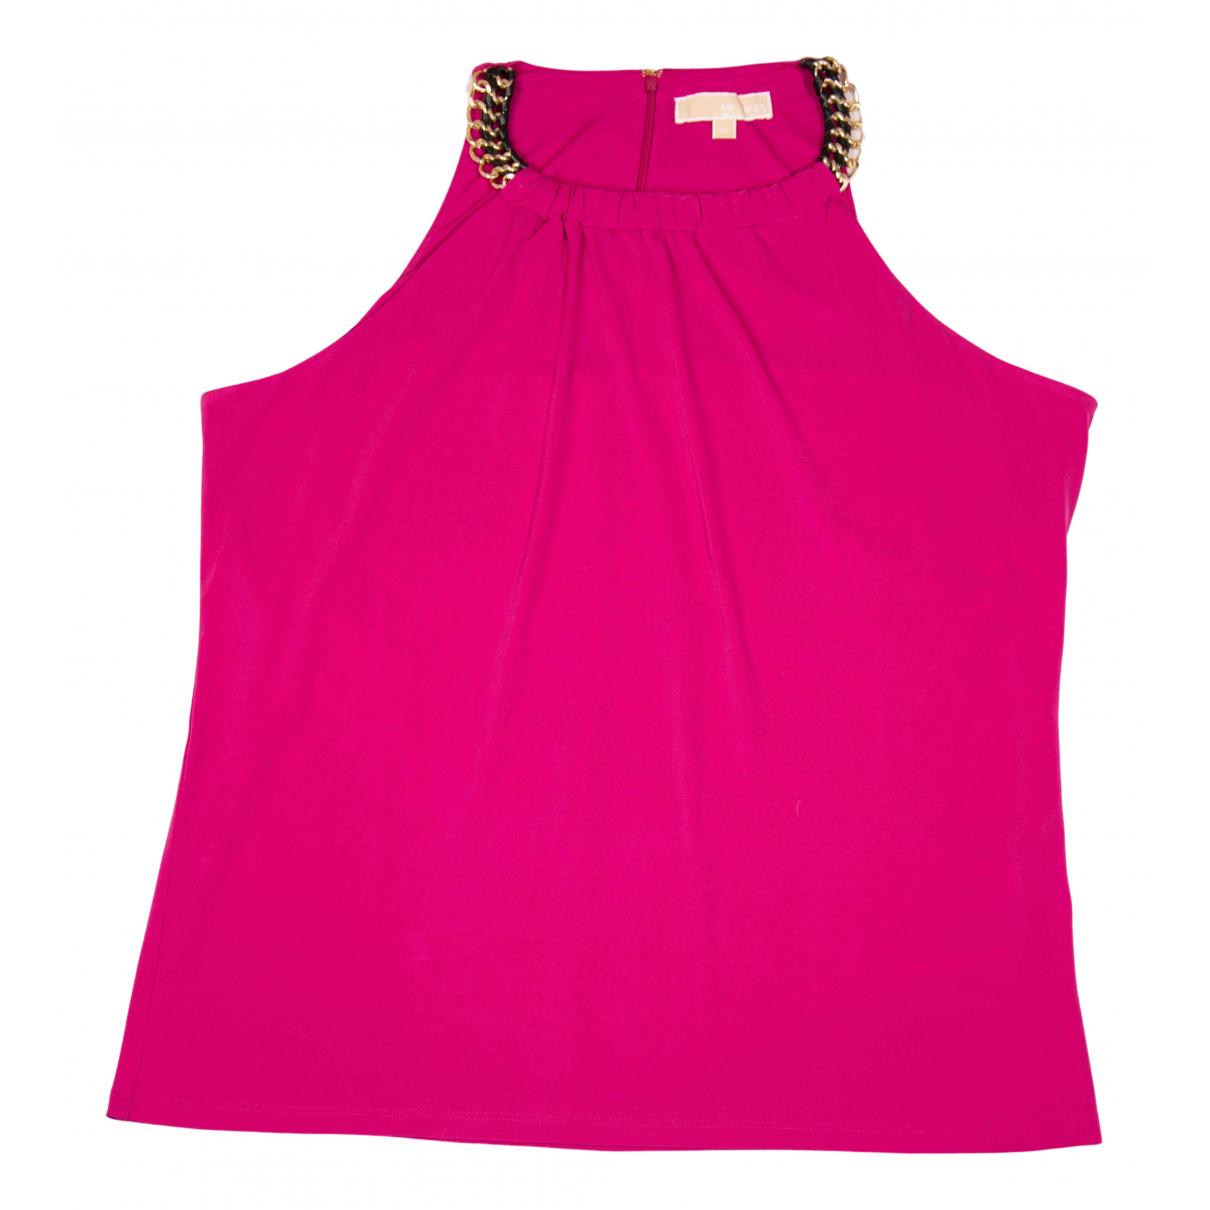 Michael Kors \N Pink  top for Women XL International